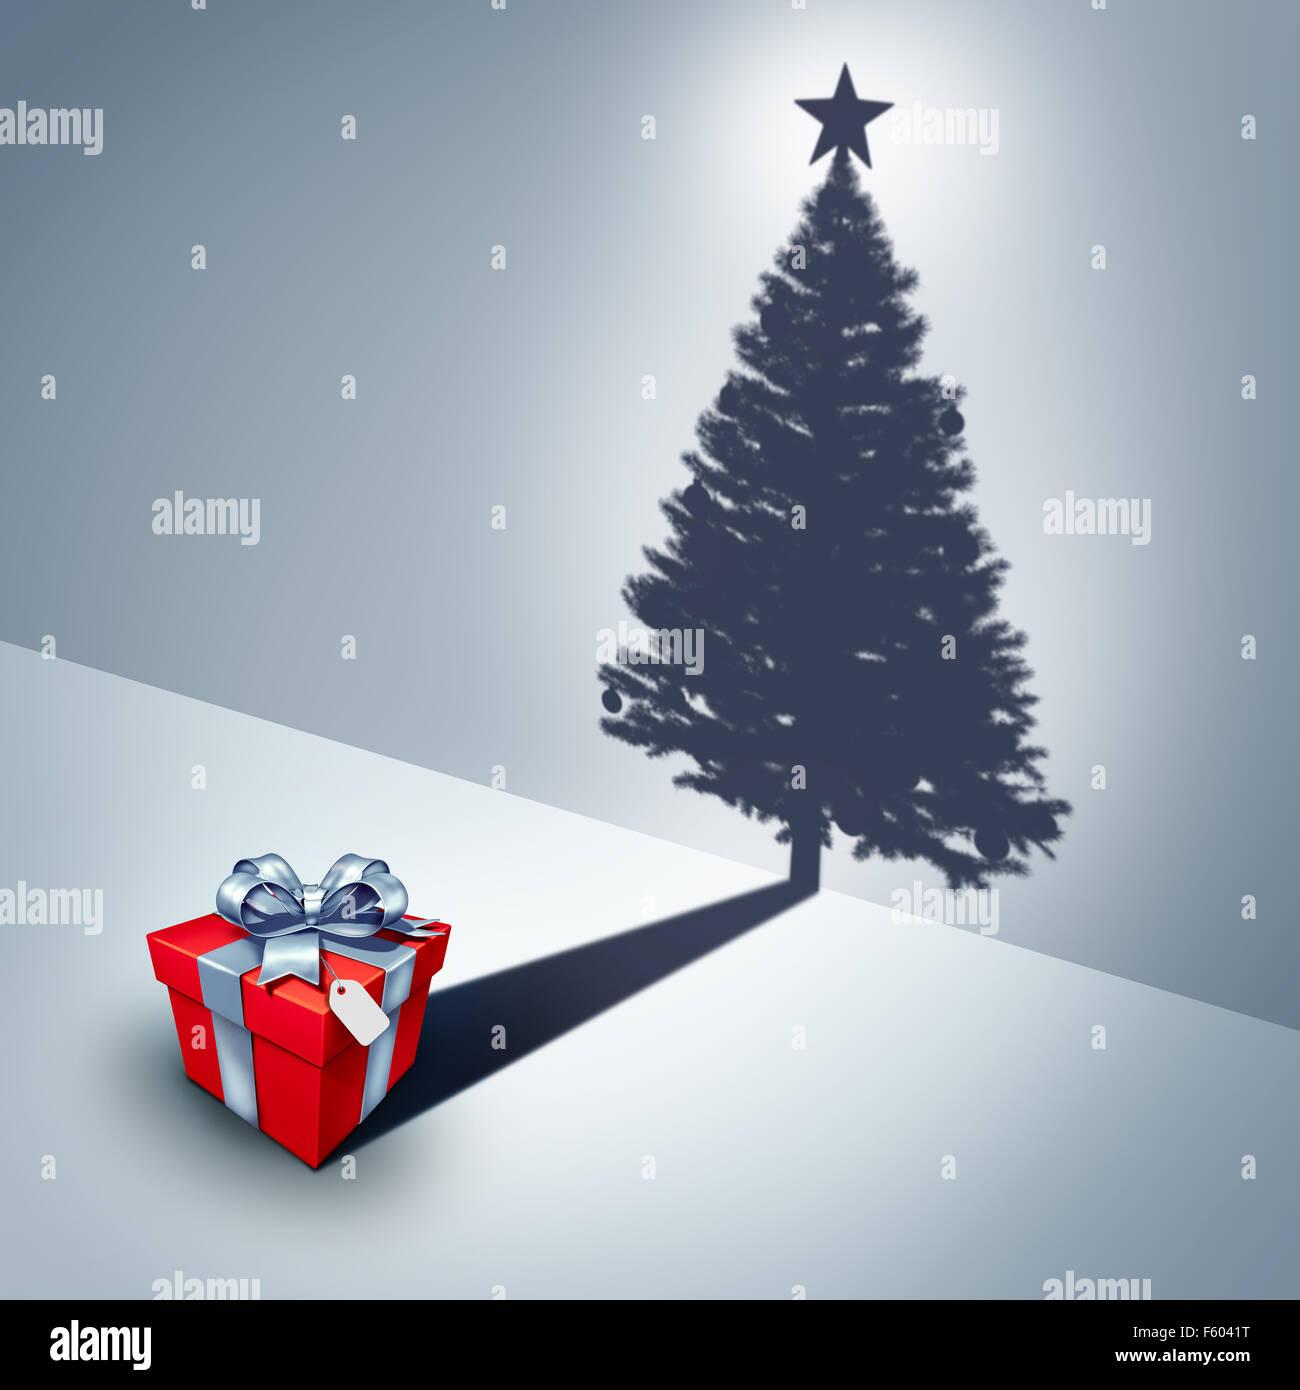 Urlaub Geschenk Traum-Ideen als Geschenk wirft einen Schatten wie ein geschmückter Weihnachtsbaum als surreale Stockbild